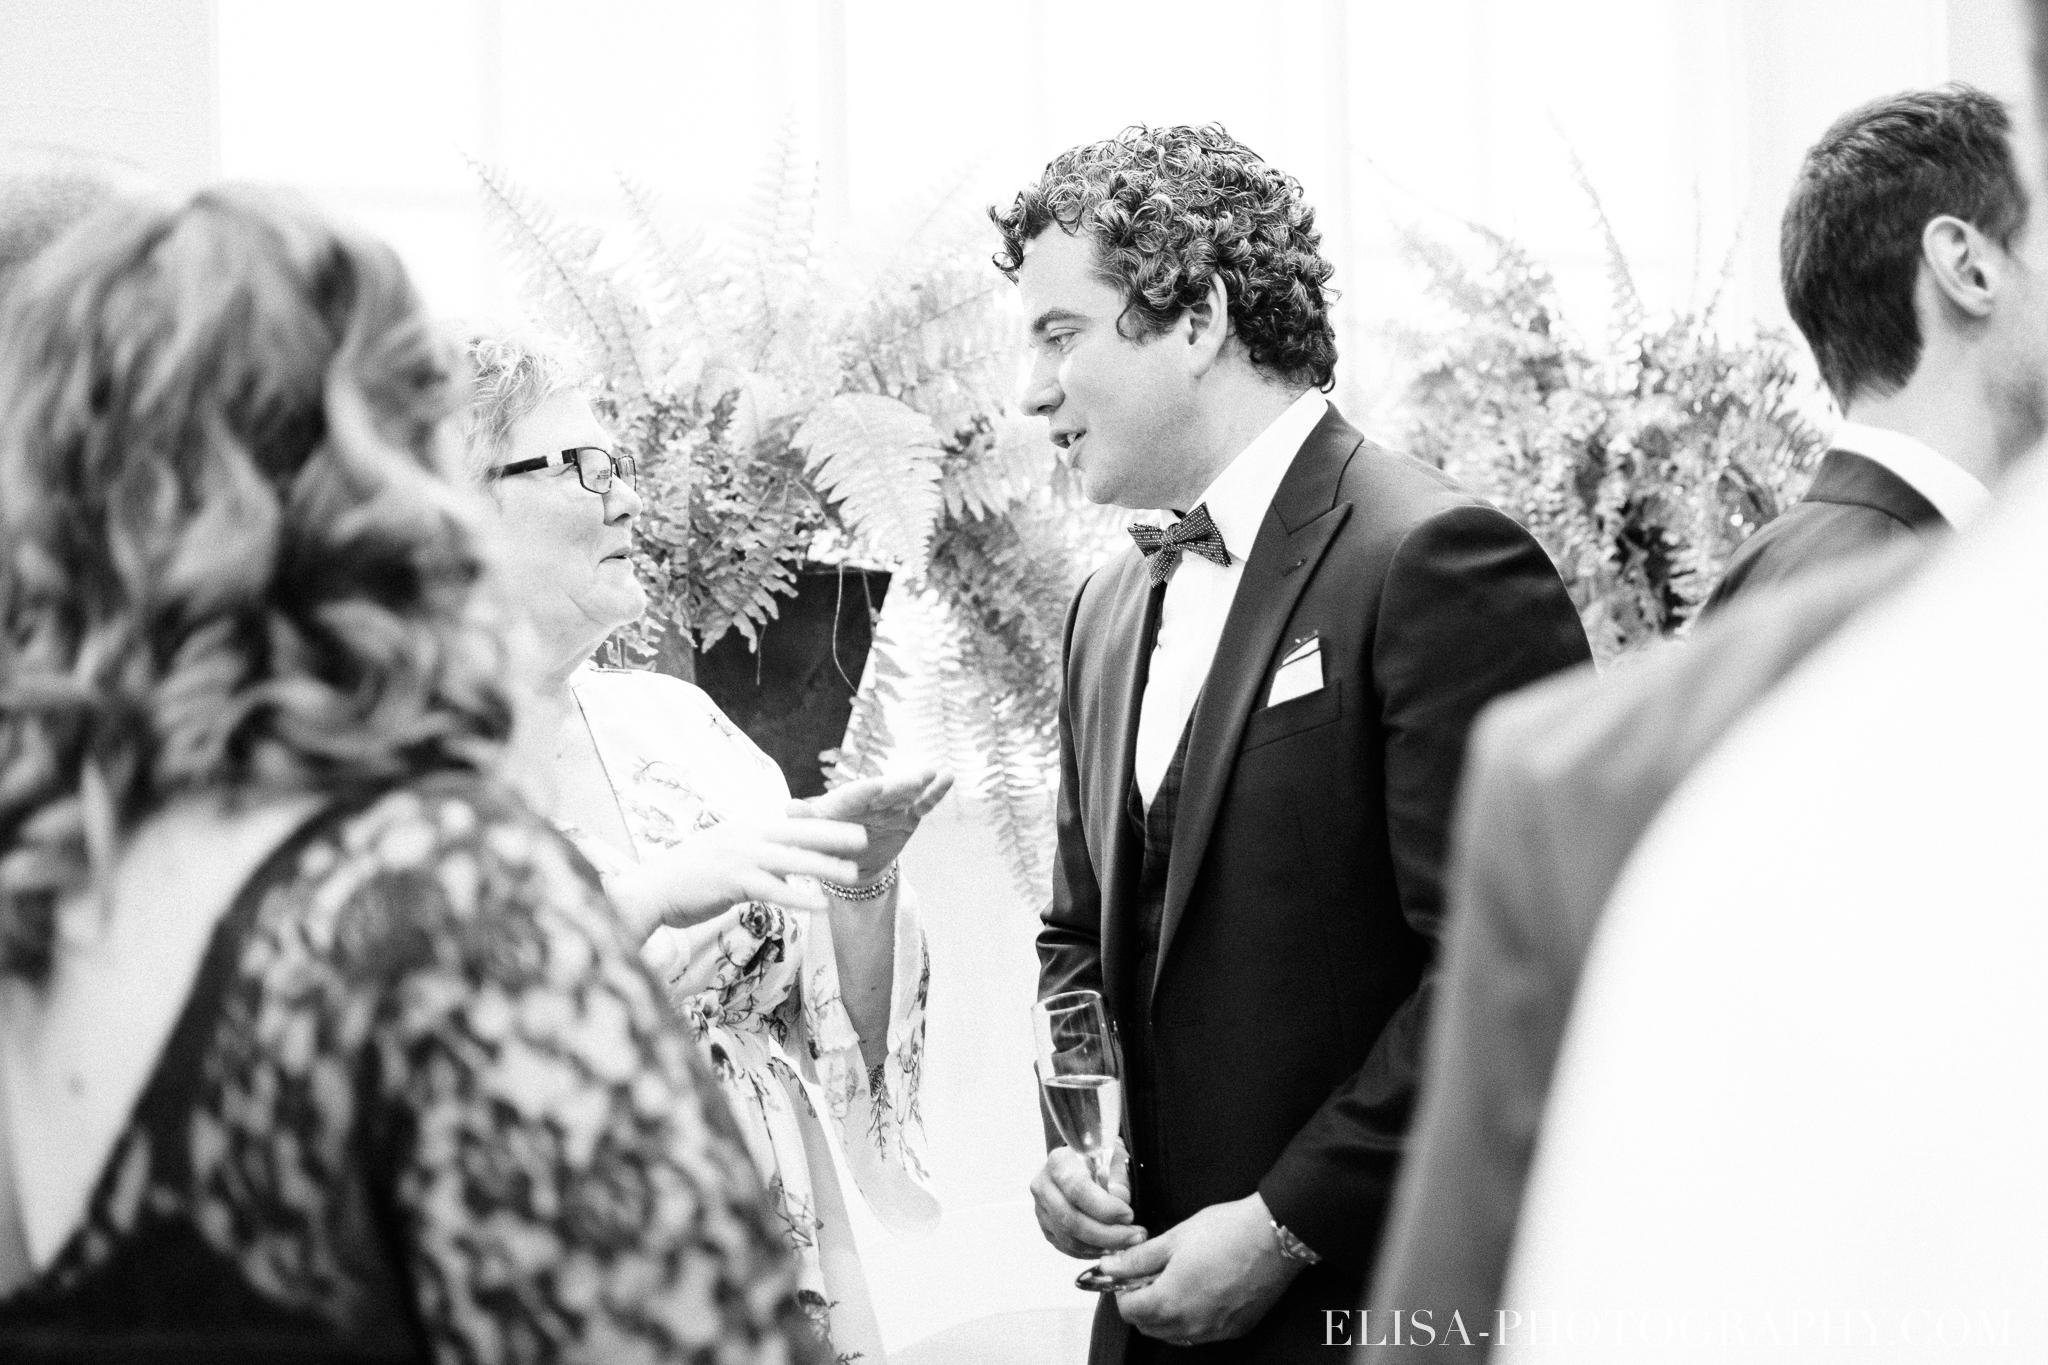 photo mariage cocktail domaine cataraqui elisa photographe atelier peintre 0316 - Mariage élégant et discret au coeur du magnifique Domaine Cataraqui, Québec